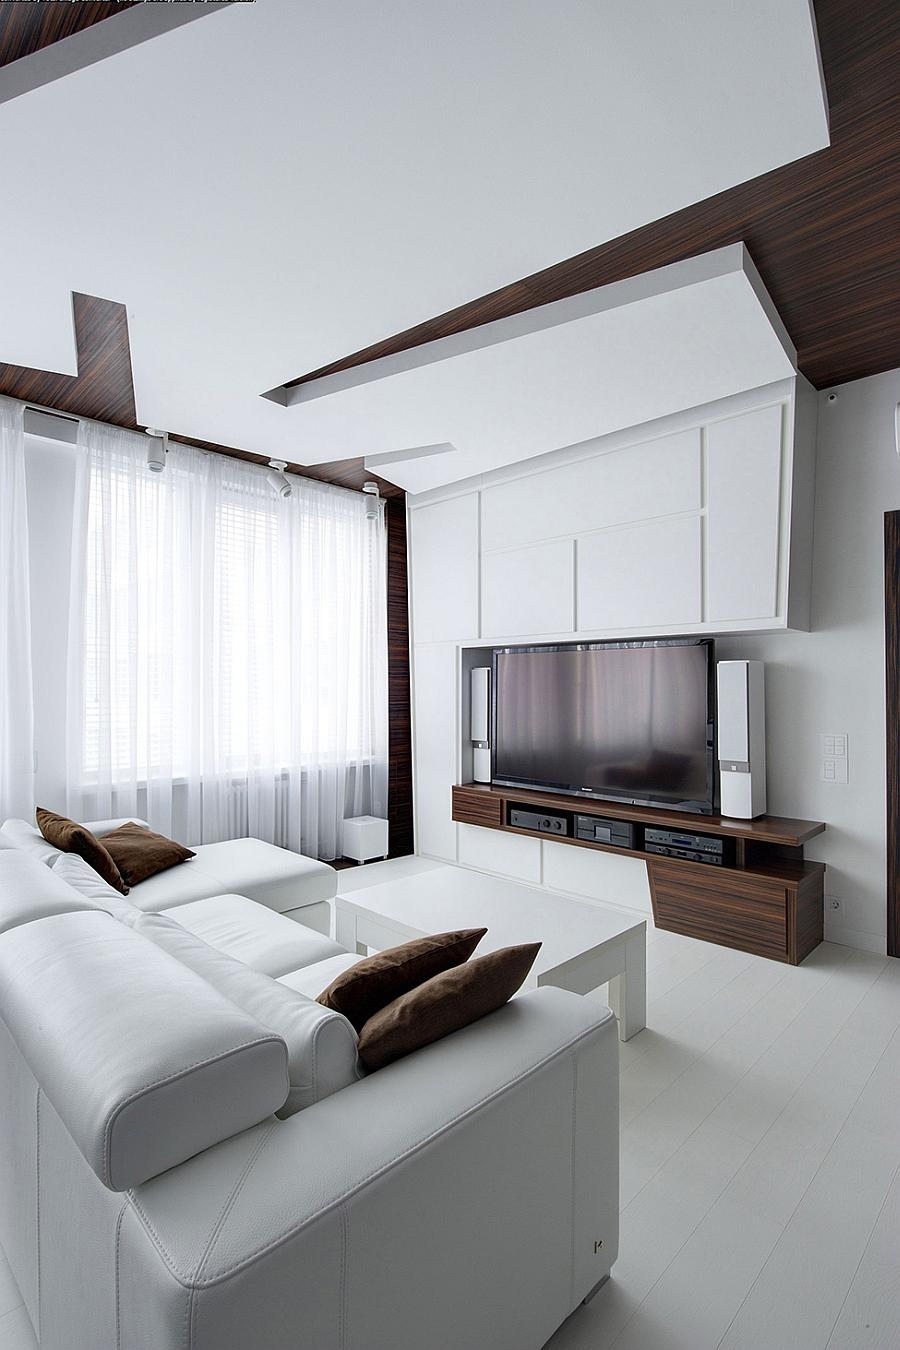 apartament-v-moskva-pokazva-zabelejitelen-dizain-3g